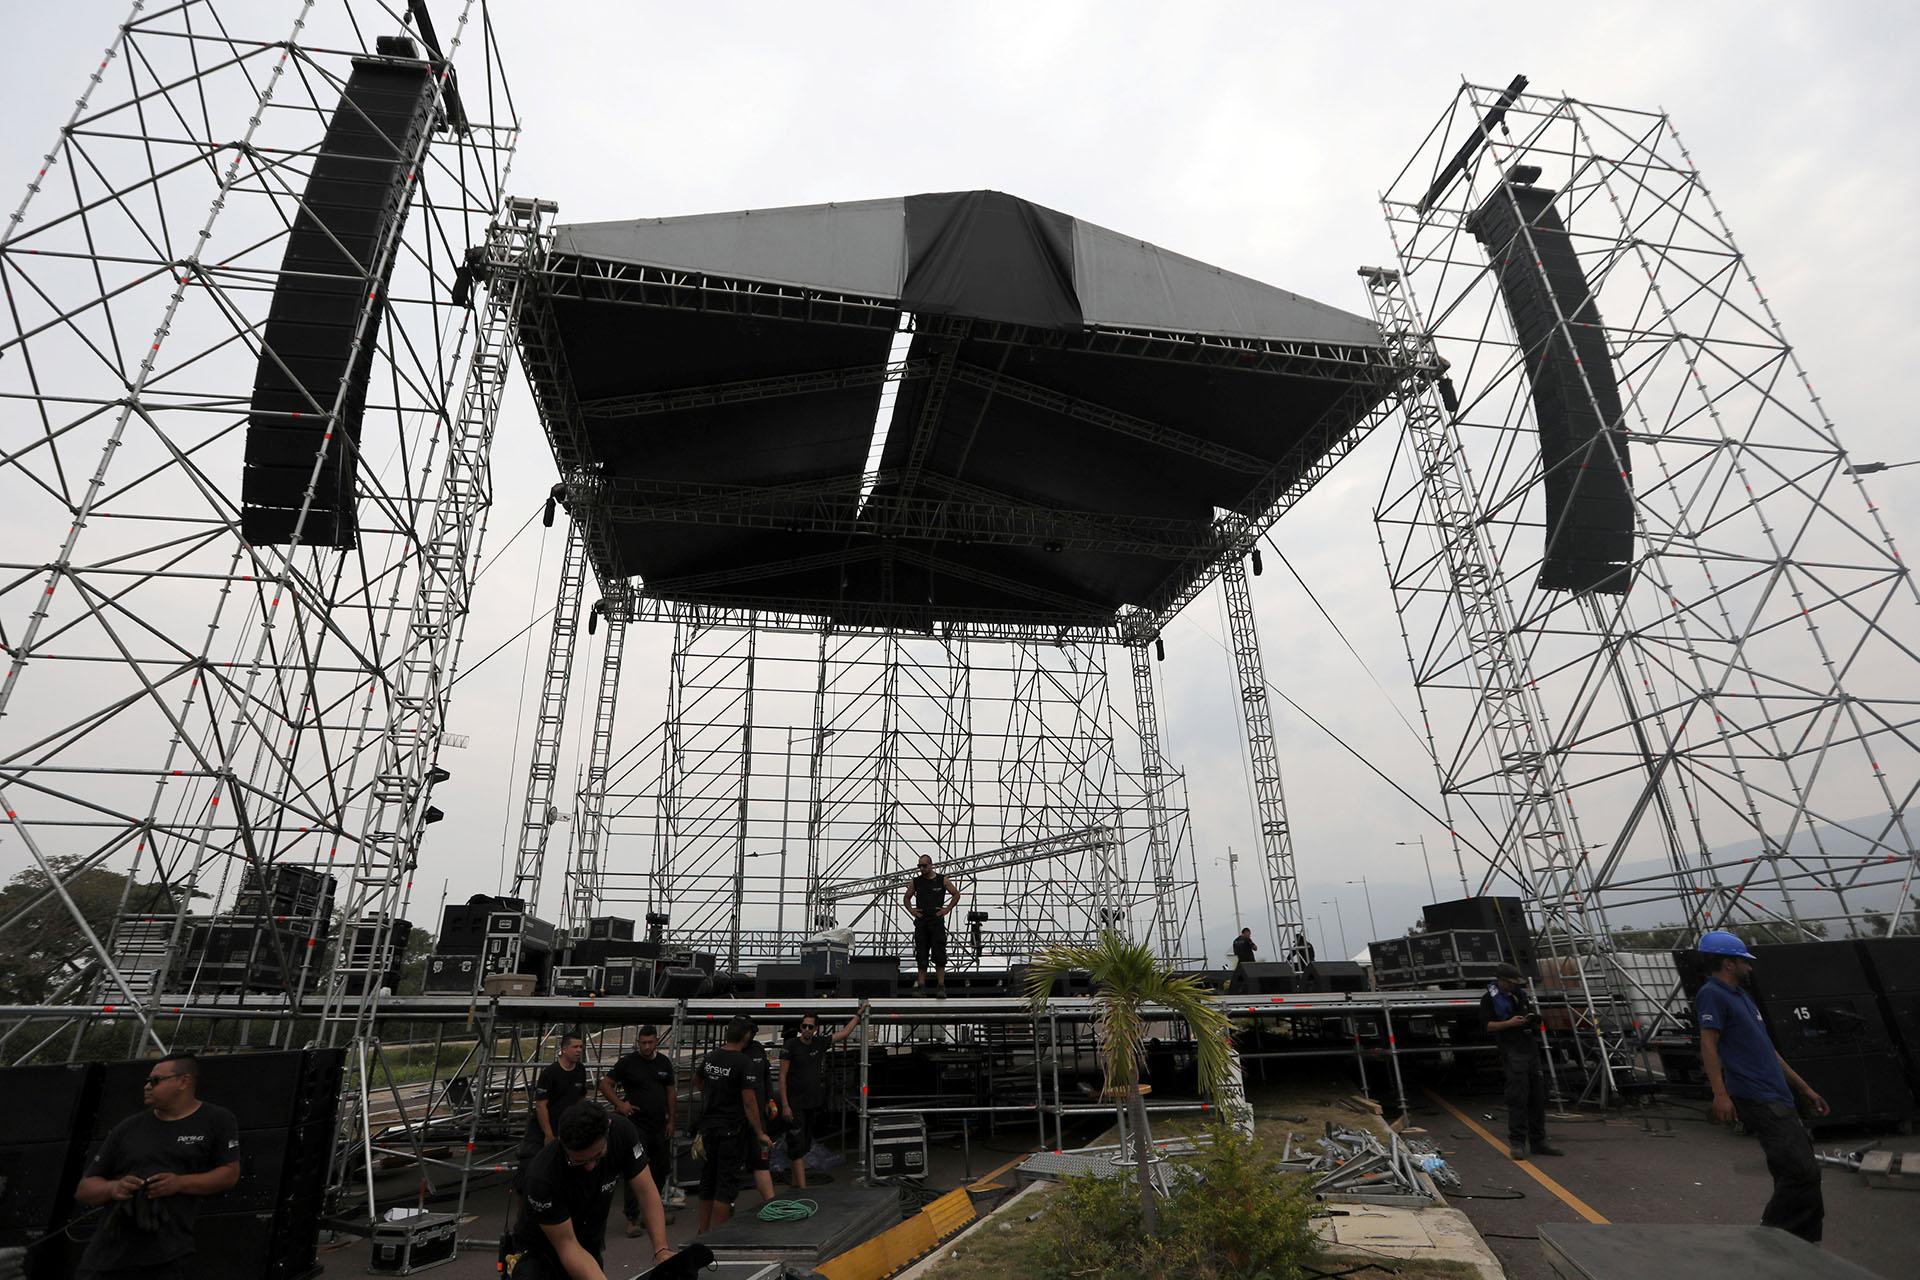 """Los trabajadores montan el escenario para el concierto """"Venezuela Live Aid"""" en el puente fronterizo de Tienditas entre Colombia y Venezuela en Cúcuta, Colombia, el 20 de febrero de 2019. (REUTERS/Luisa Gonzalez)"""